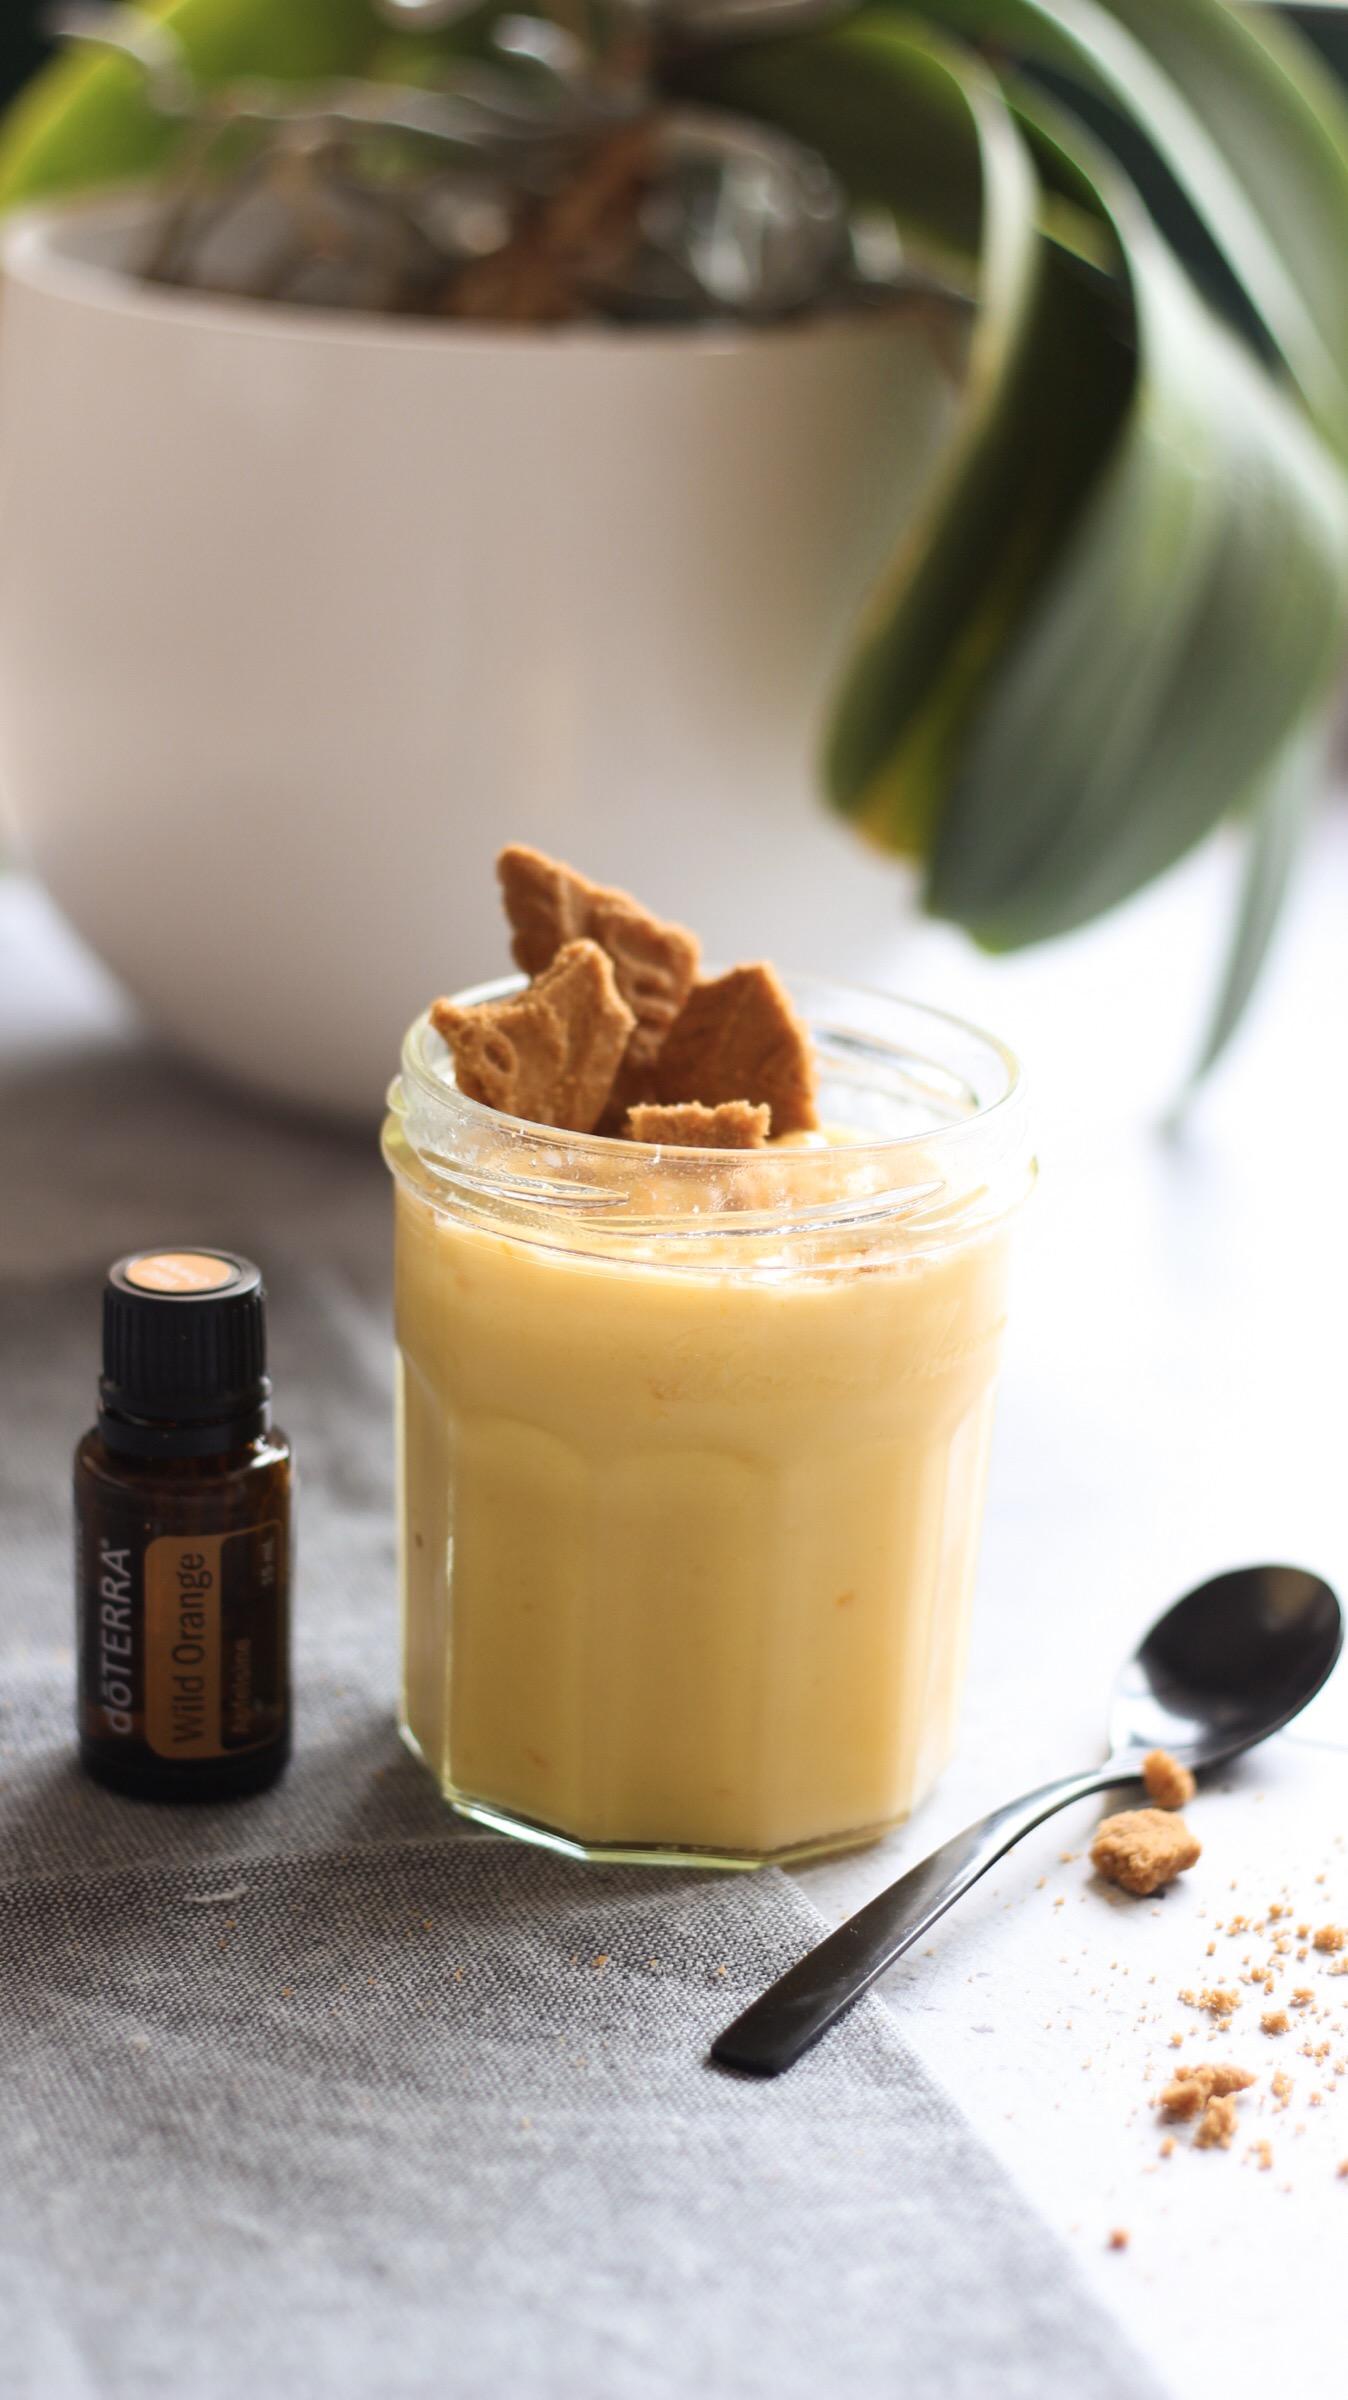 La crème à l'orange maison est idéale pour accompagner les toasts du petit déjeuner, en garniture dans toutes sortes de gâteaux et génoises, muffins, crêpes.